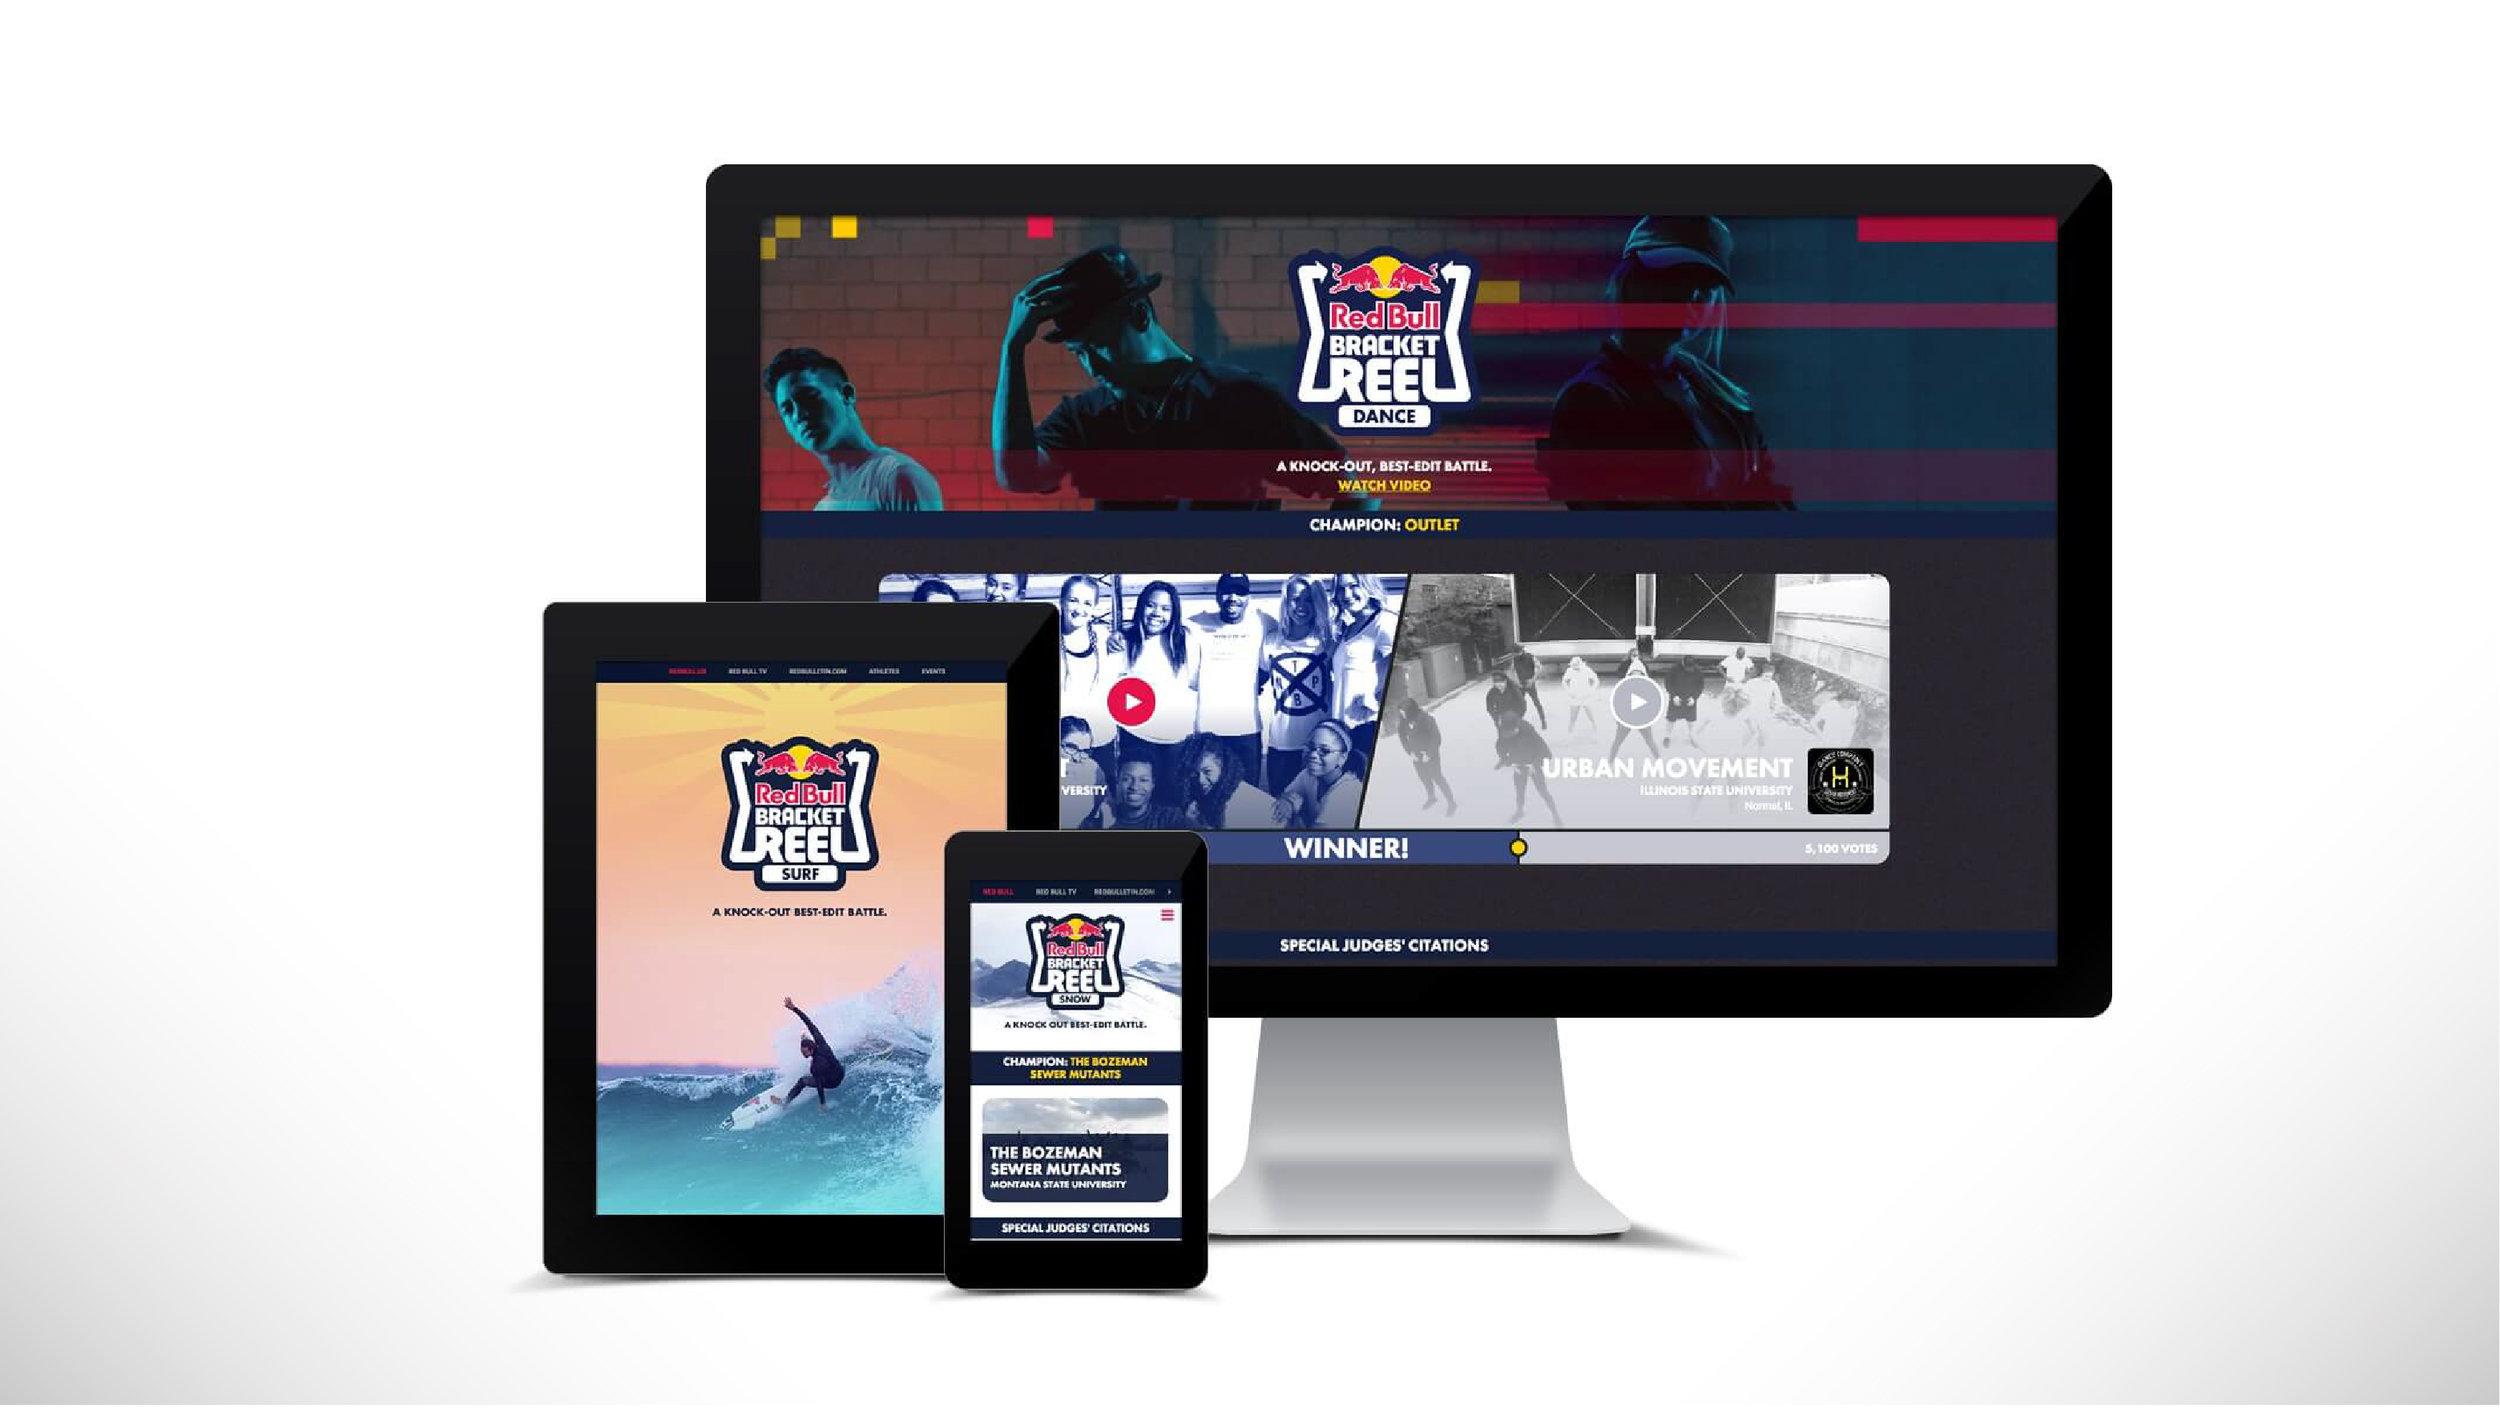 Osborn-Red Bull Bracket Reel_CaseImages-02.jpg